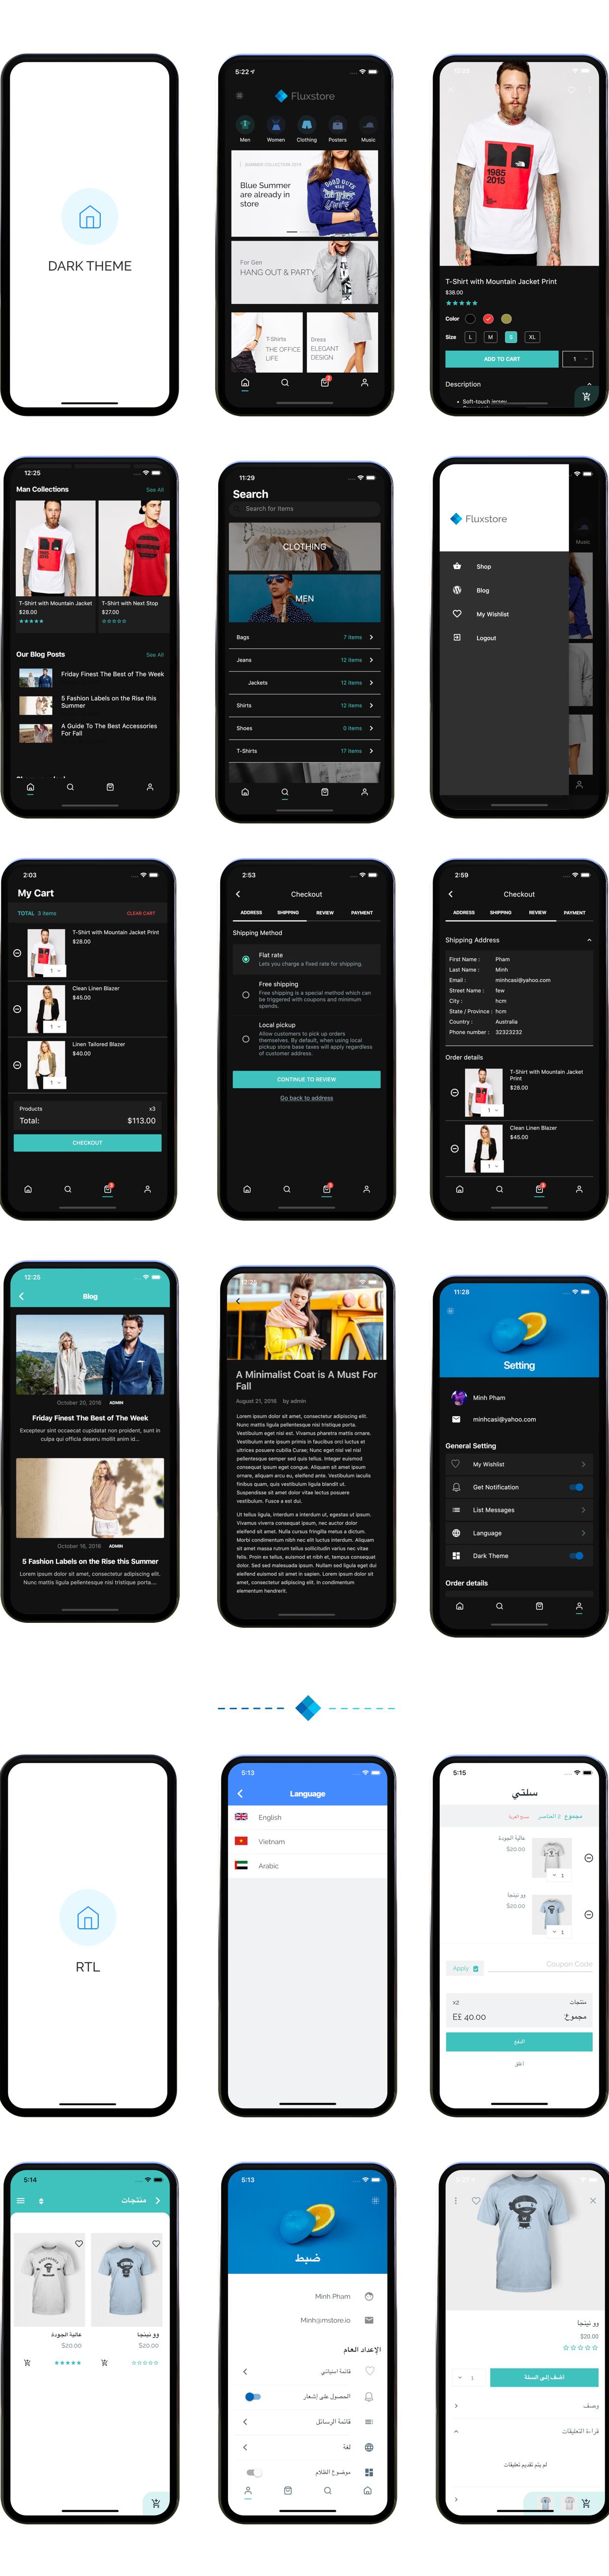 Fluxstore WooCommerce - Flutter E-commerce Full App - 28